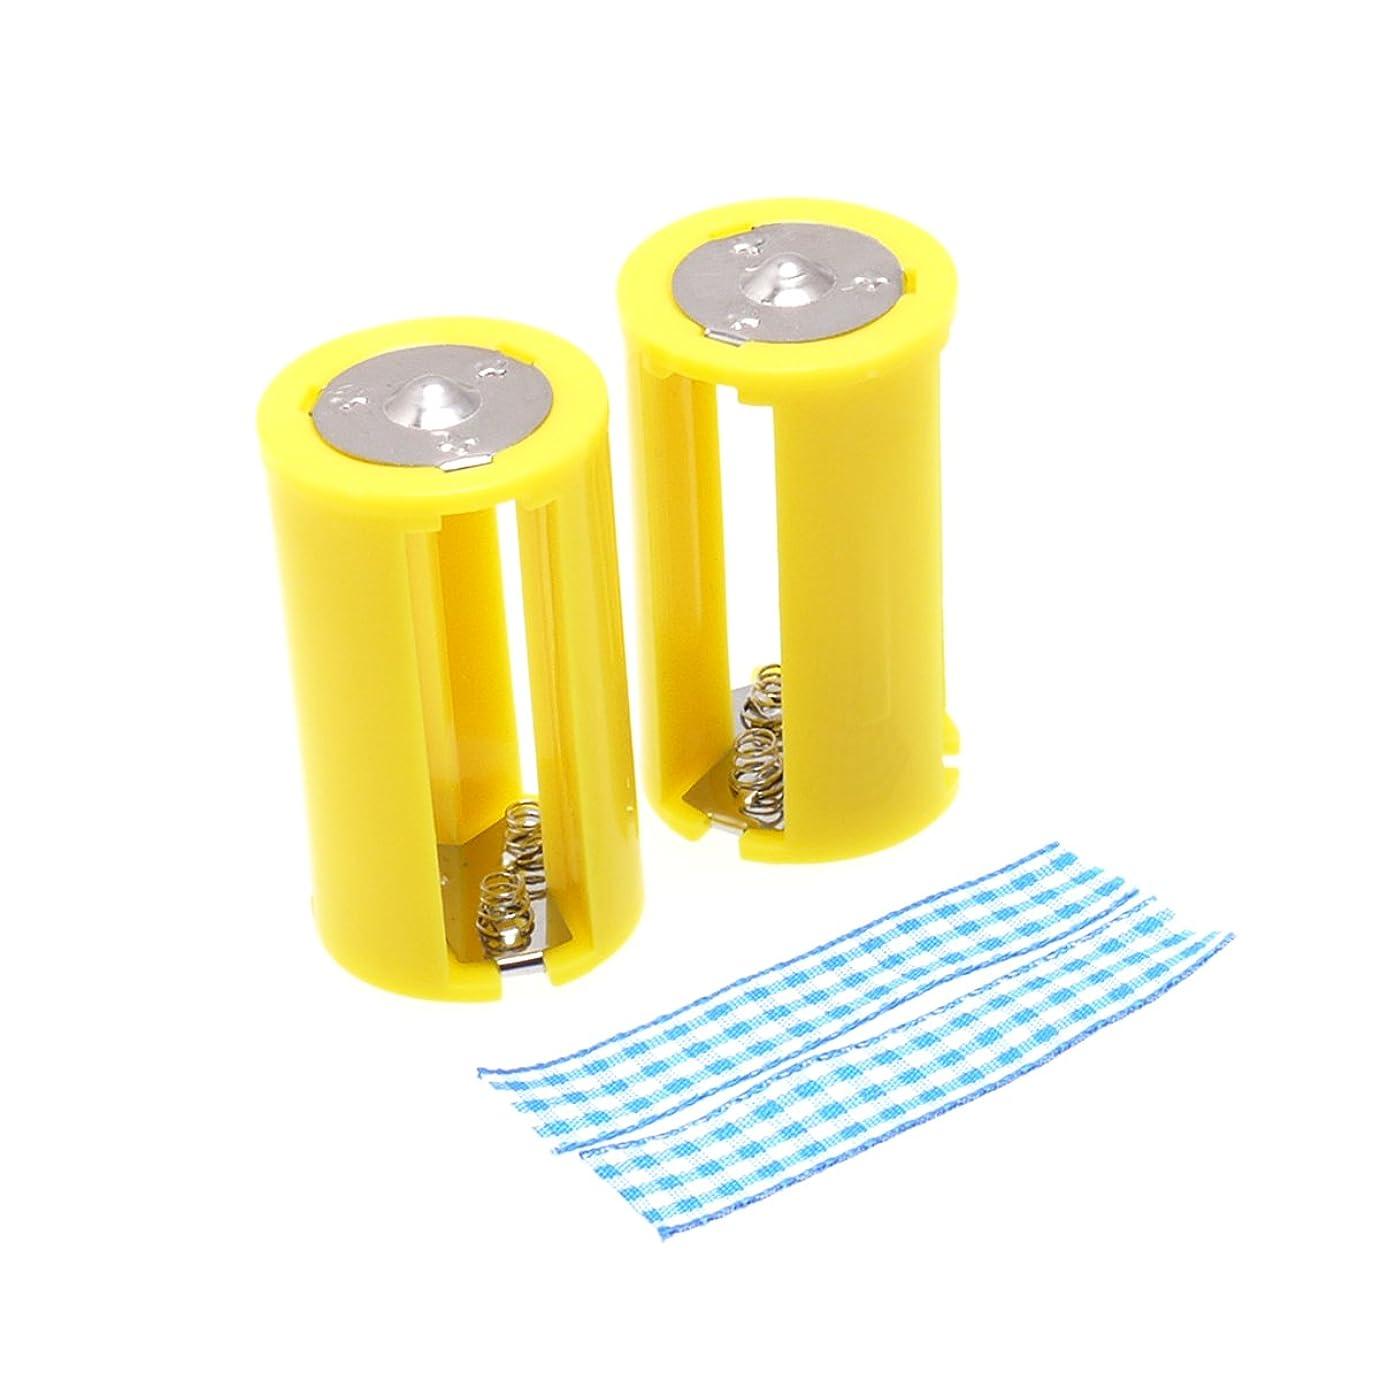 ワーカー定規旅行者サンワダイレクト 電池ケース 単4?単3電池対応大容量タイプ 合計28本収納 200-BT006BK